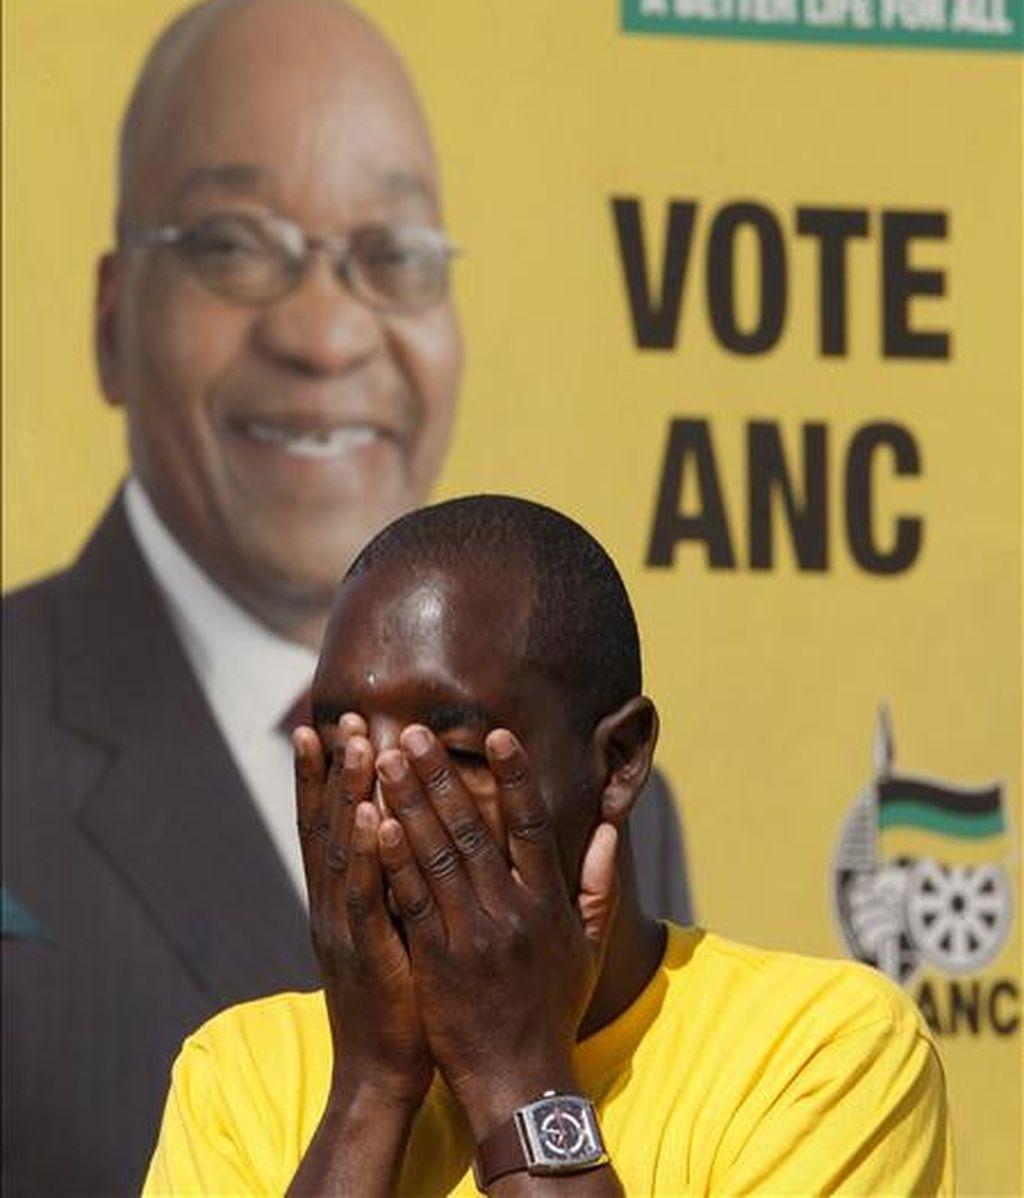 Simpatizantes del gobernante Congreso Nacional Africano (ANC) esperan la llegada de su presidente, Jacob Zuma, durante un acto electoral celebrado a las afueras de Pretoria (Sudáfrica), hoy sábado 18 de abril. Sudáfrica celebrará elecciones generales el próximo 22 de abril. EFE